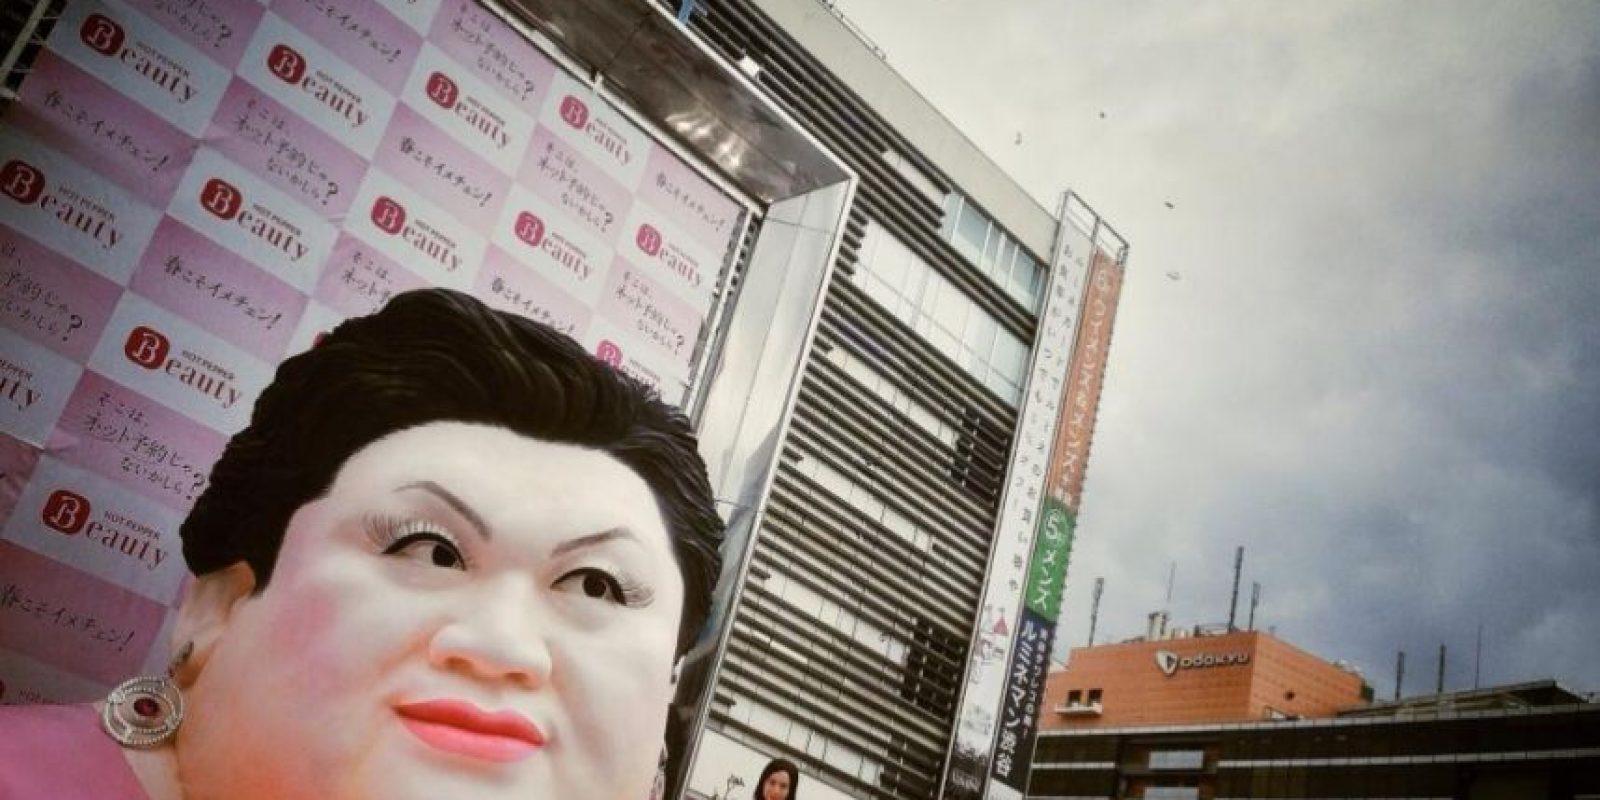 En 2012, Matsuko participó en un debate sobre el orgullo nacional de los chinos, coreanos y japoneses, donde criticó al K-pop parecerle una débil imitación de la música pop estadounidense. Foto:twitter.com/tokyorich/